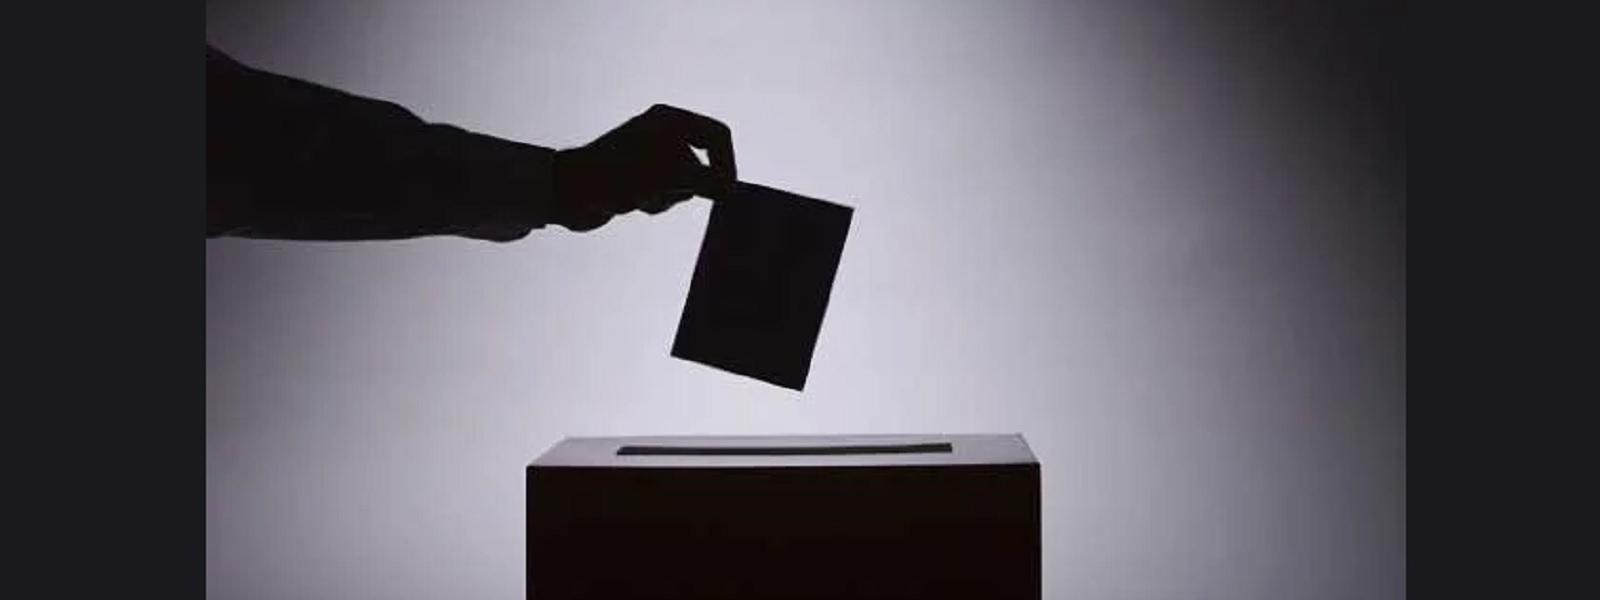 எல்பிட்டிய பிரதேச சபை தேர்தல்: 47 மத்திய நிலையங்களில் வாக்கெடுப்பு